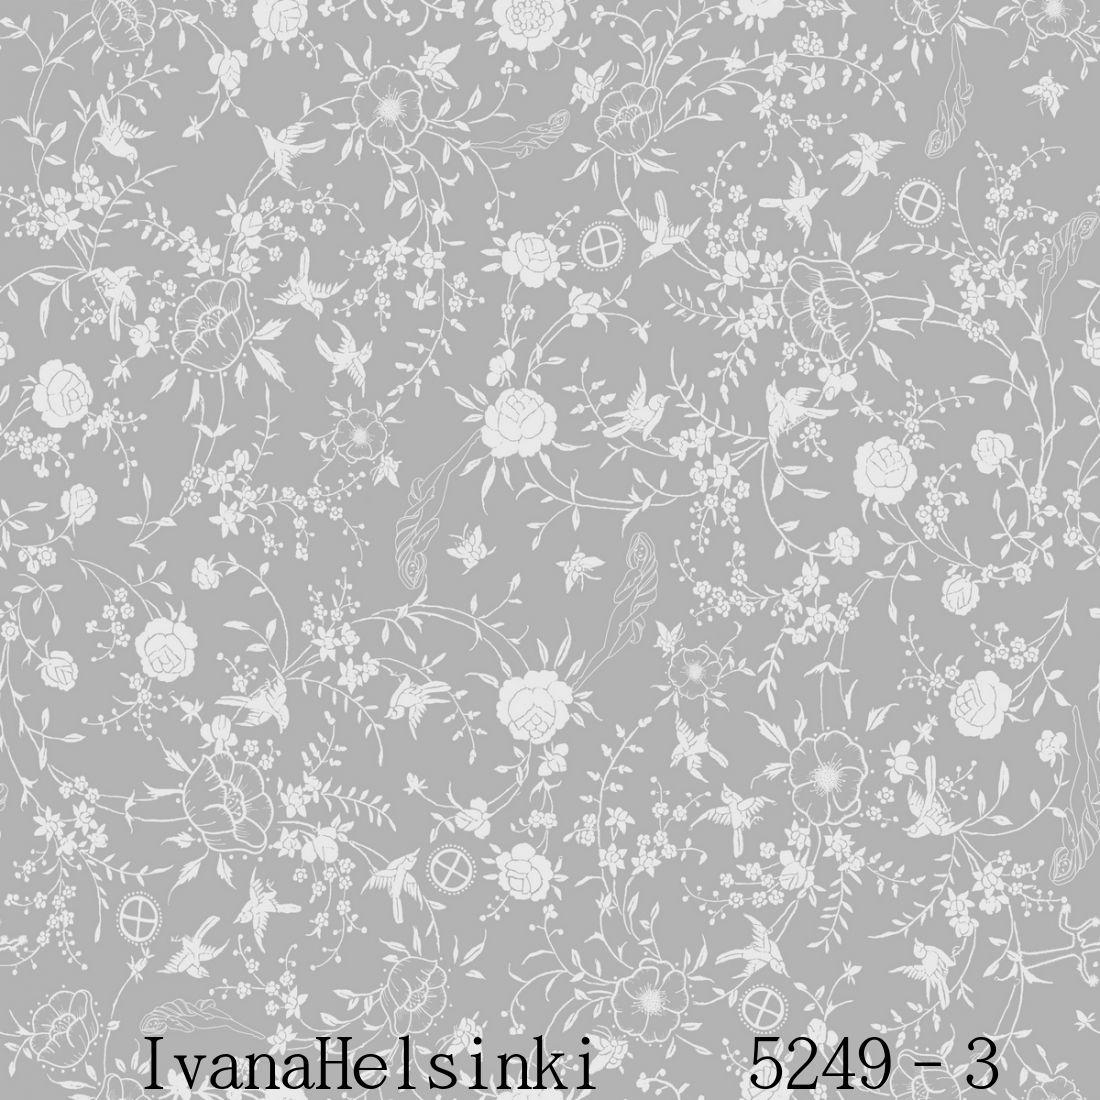 IvanaHelsinki イヴァナヘルシンキフィンランド製 壁紙5249-3【 53cm幅×10m巻 】裏面:フリース素材花 フラワー 北欧 自然 グレー×ホワイト輸入壁紙IvanaHelsinki Wallpaper★P10倍★